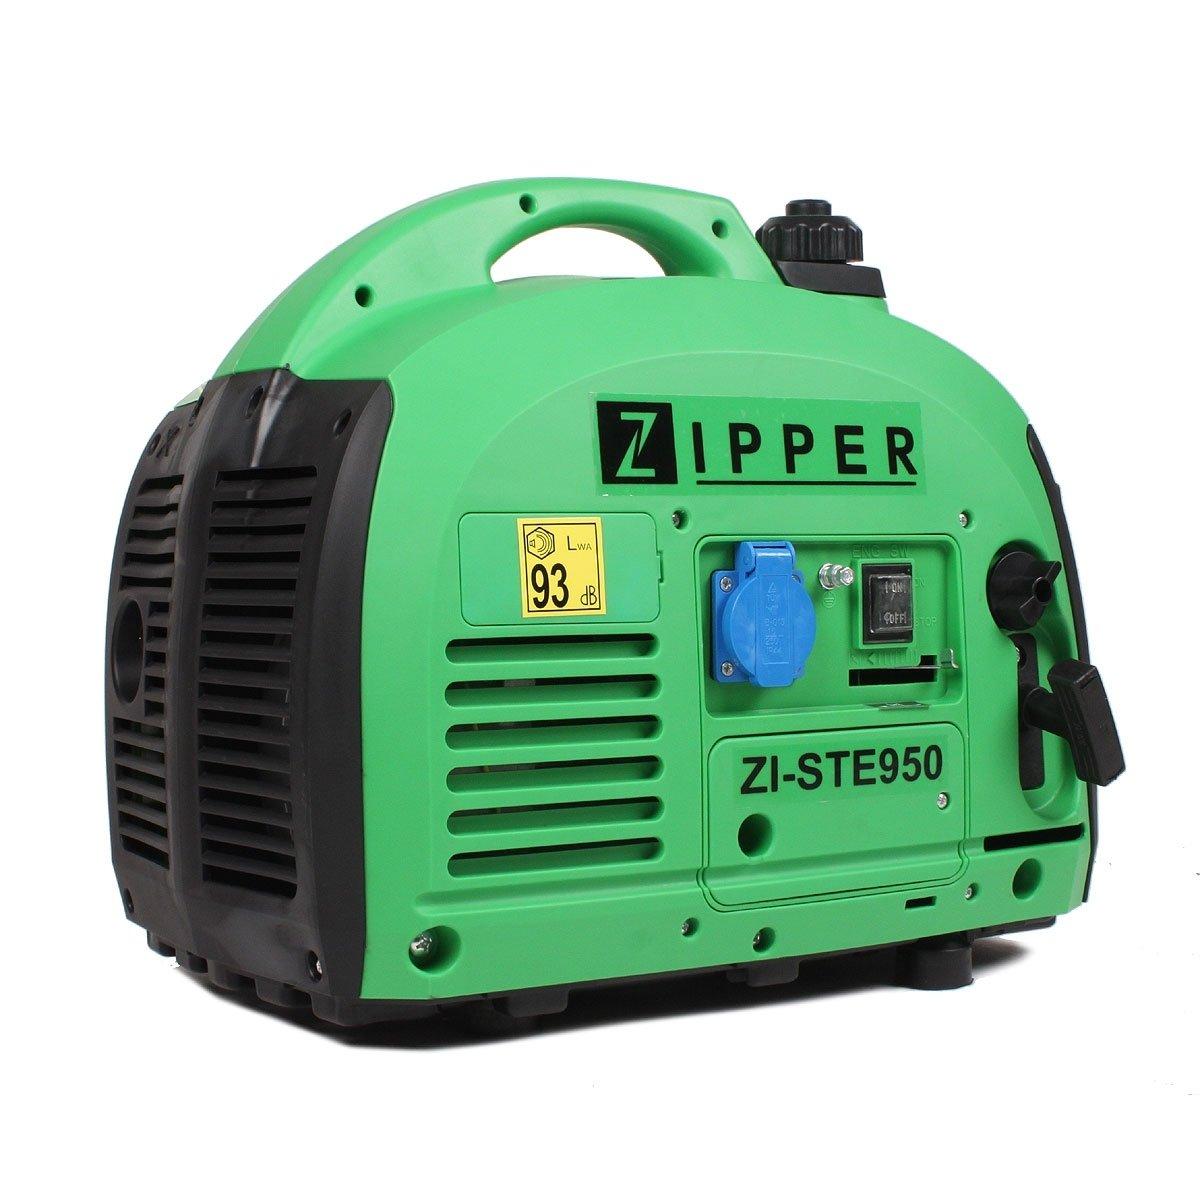 Kompakter Stromerzeuger, Stromgenerator, Stromaggregat, Notstromaggregator 700 W  BaumarktÜberprüfung und Beschreibung